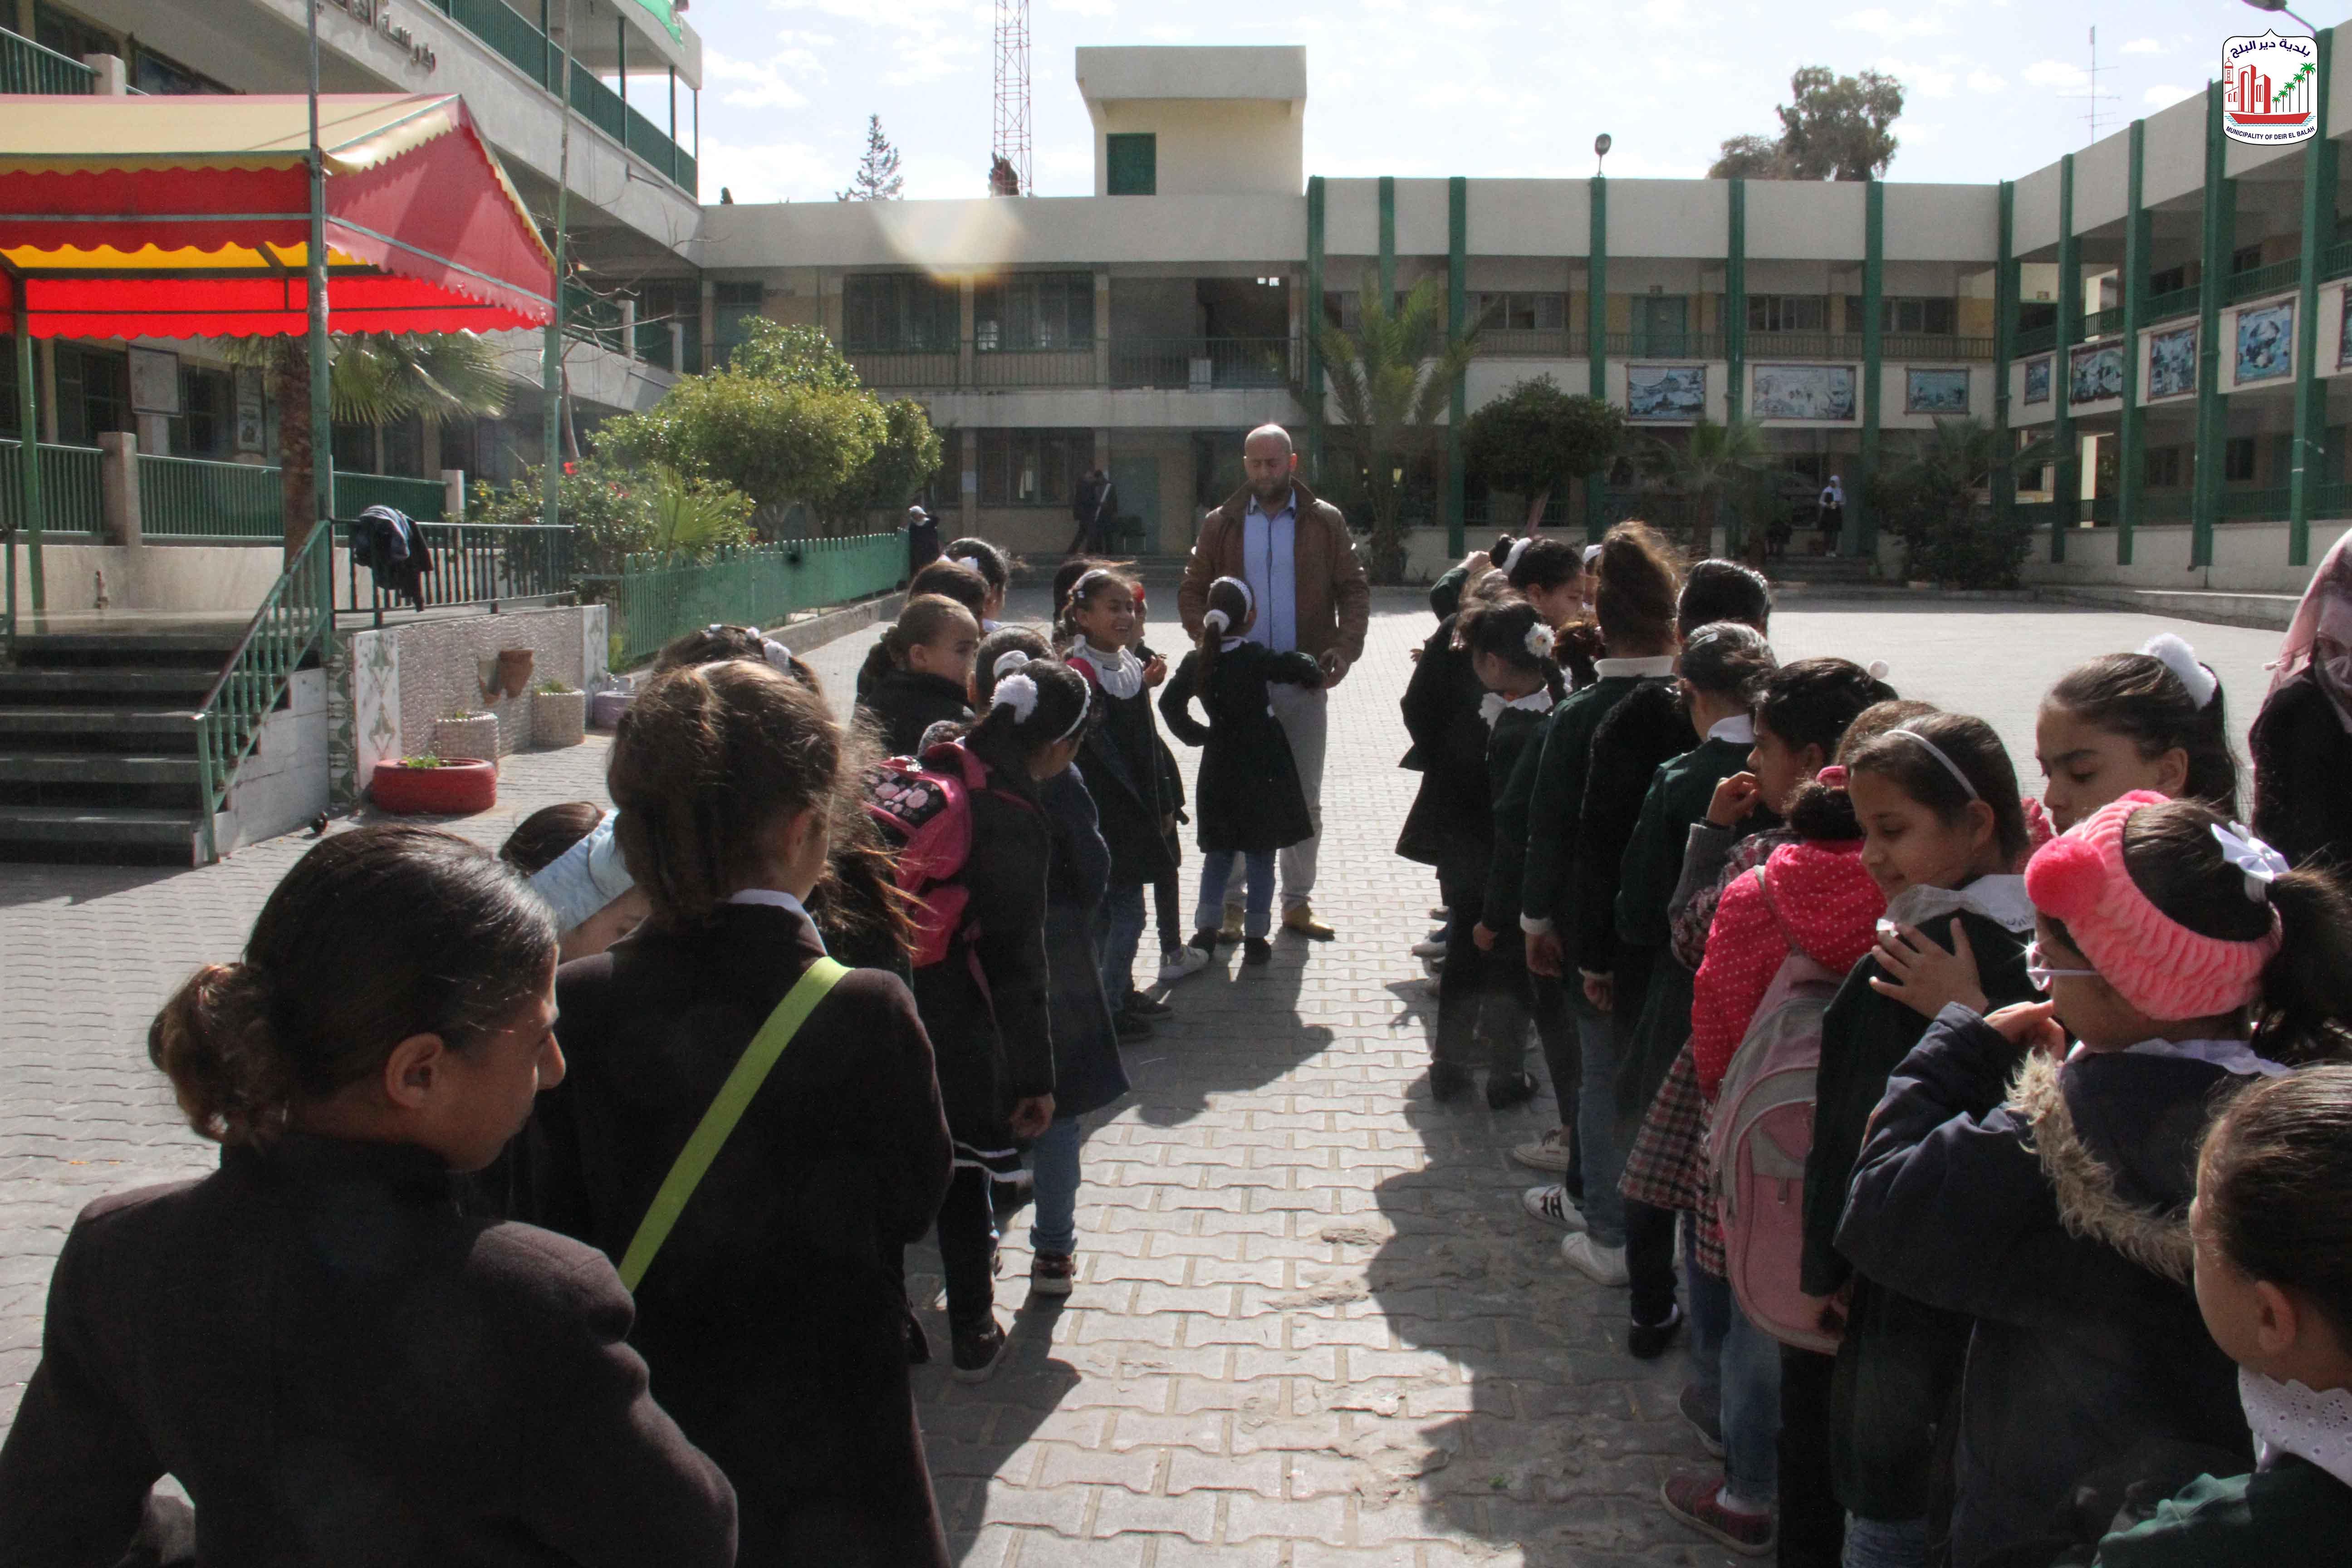 البلدية تنظيم سلسلة لقاءات توعية لطلاب المدارس عن خدمات البلدية وطرق المحافظة عليها